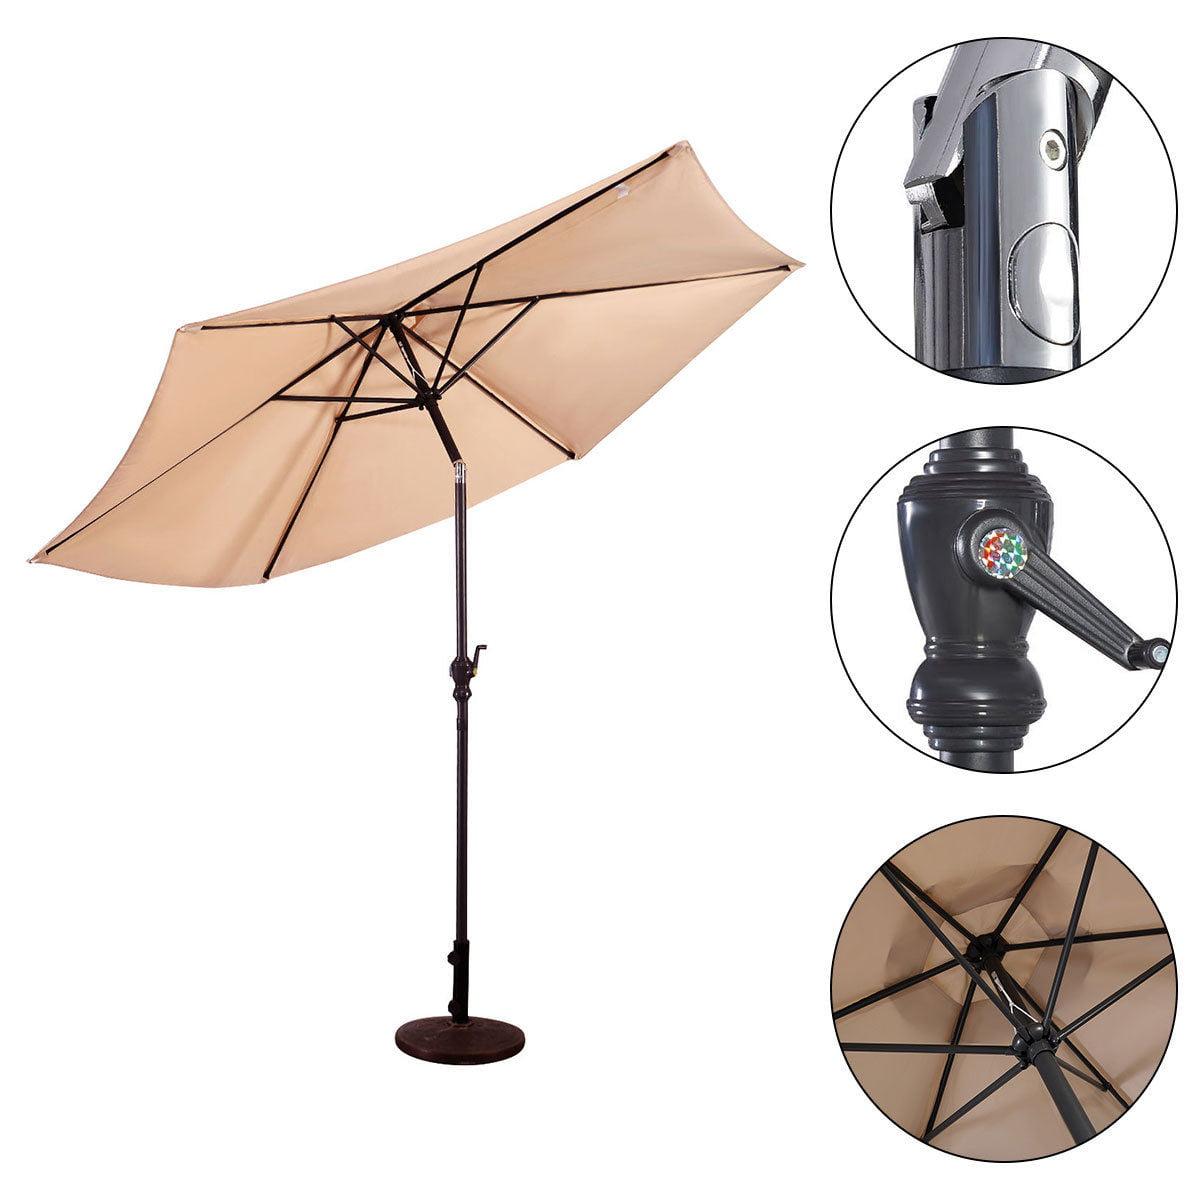 10ft Patio Umbrella 6 Ribs Market Steel Tilt W Crank Outdoor